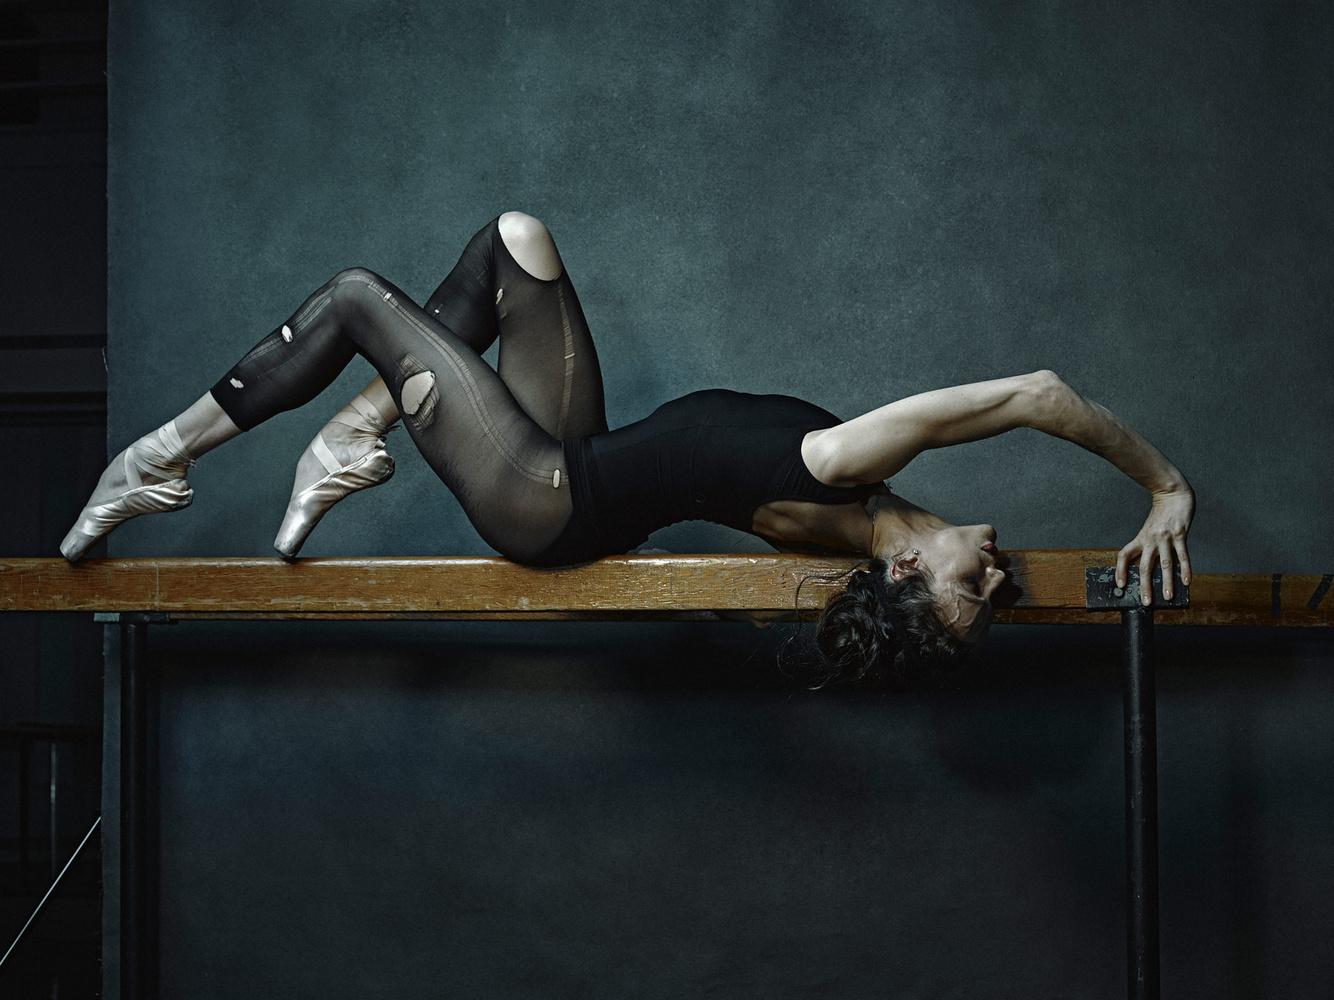 Maria Abashova by Sasha Onyshchenko